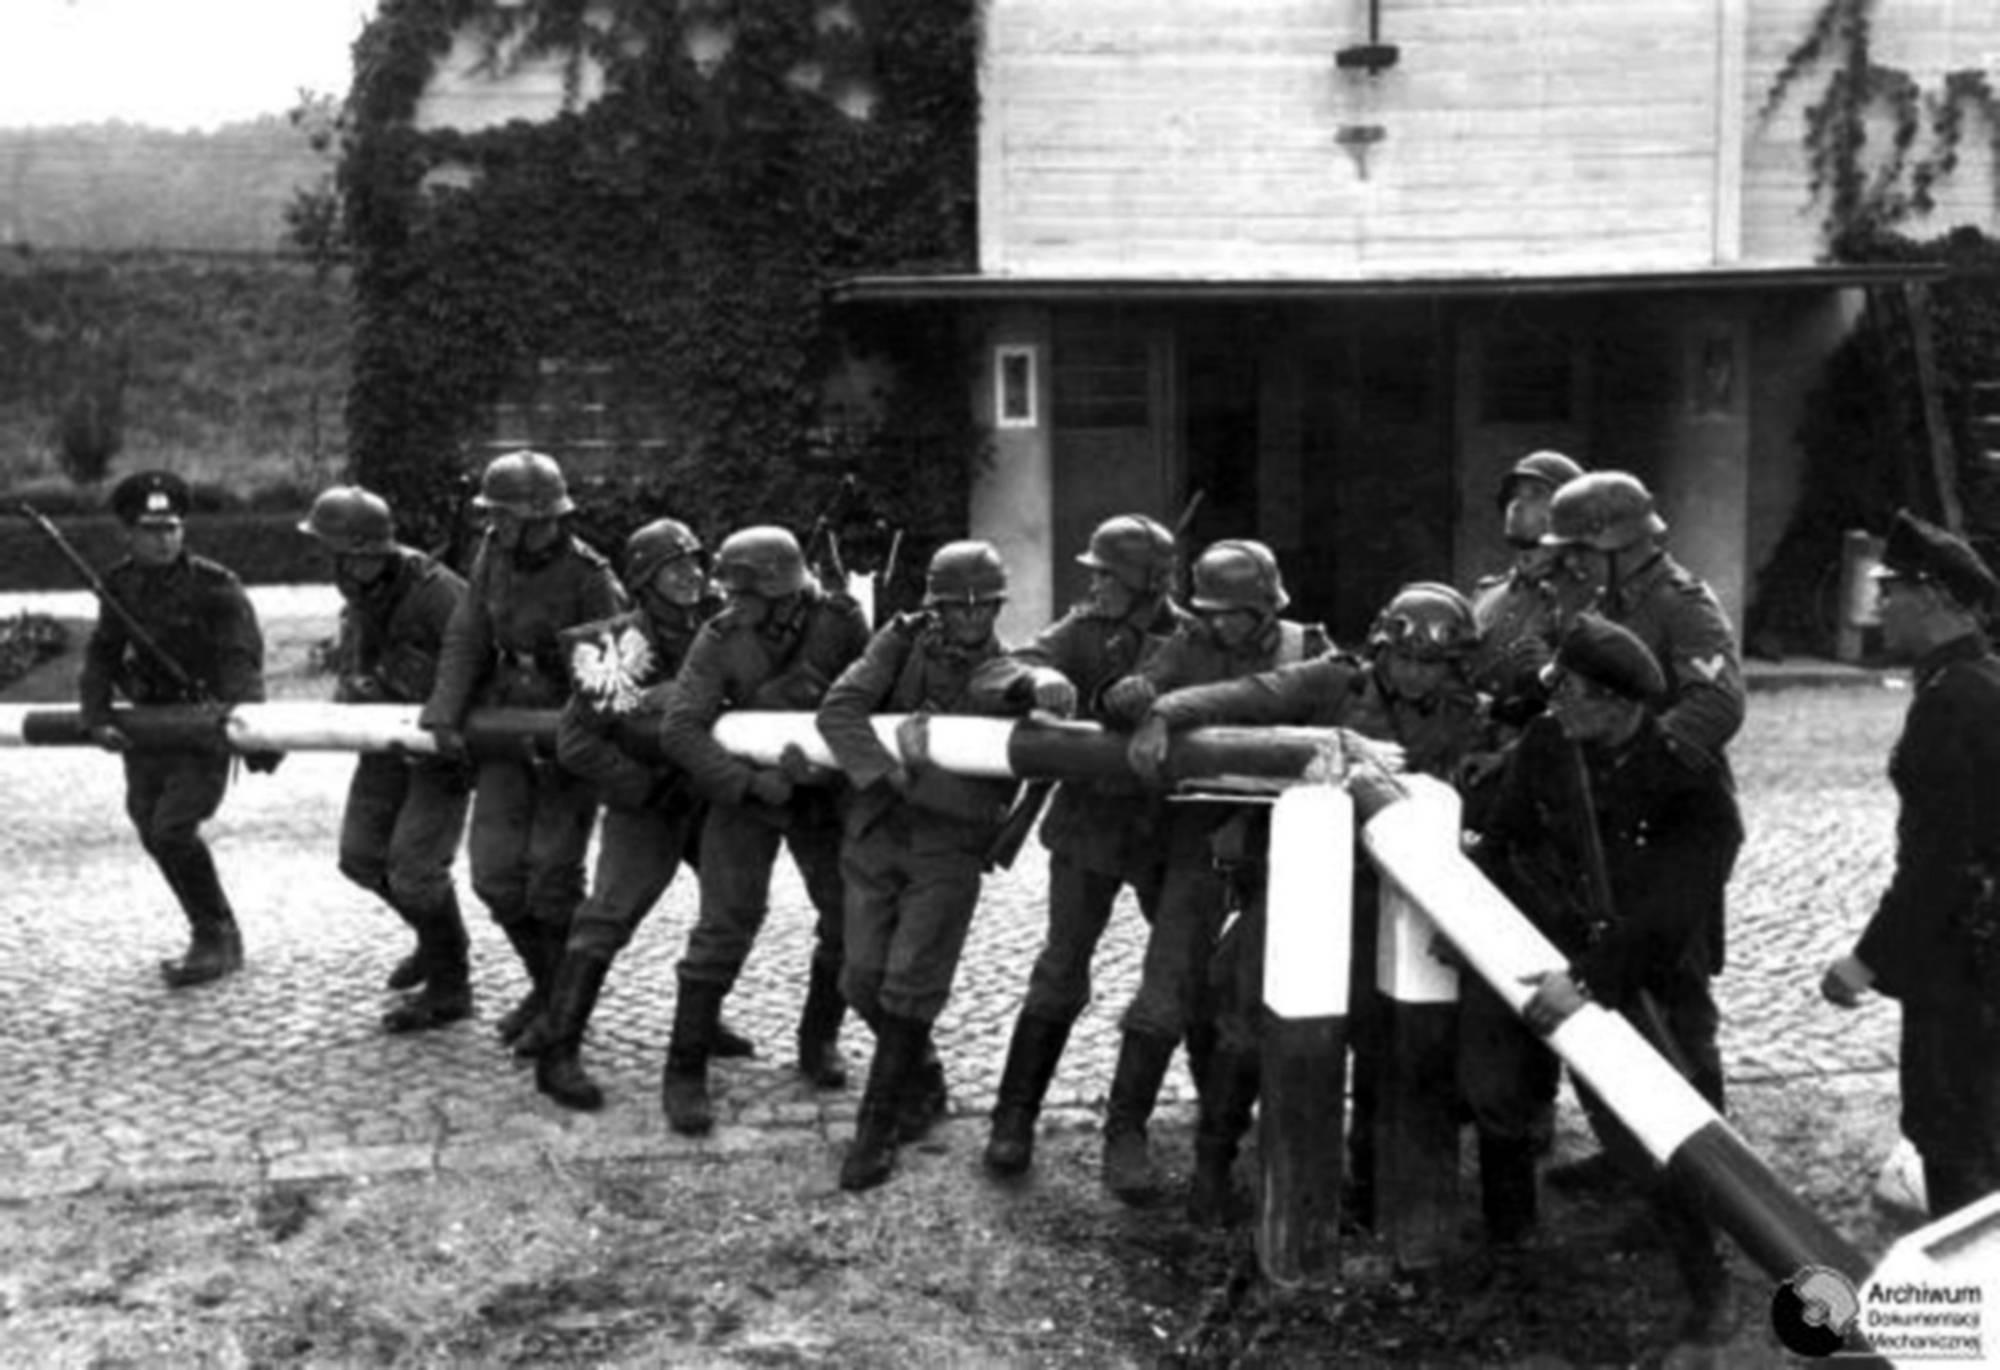 Wkrótce po spotkaniu w Pyrach Niemcy napadły na Polskę rozpoczynając II wojnę światową.